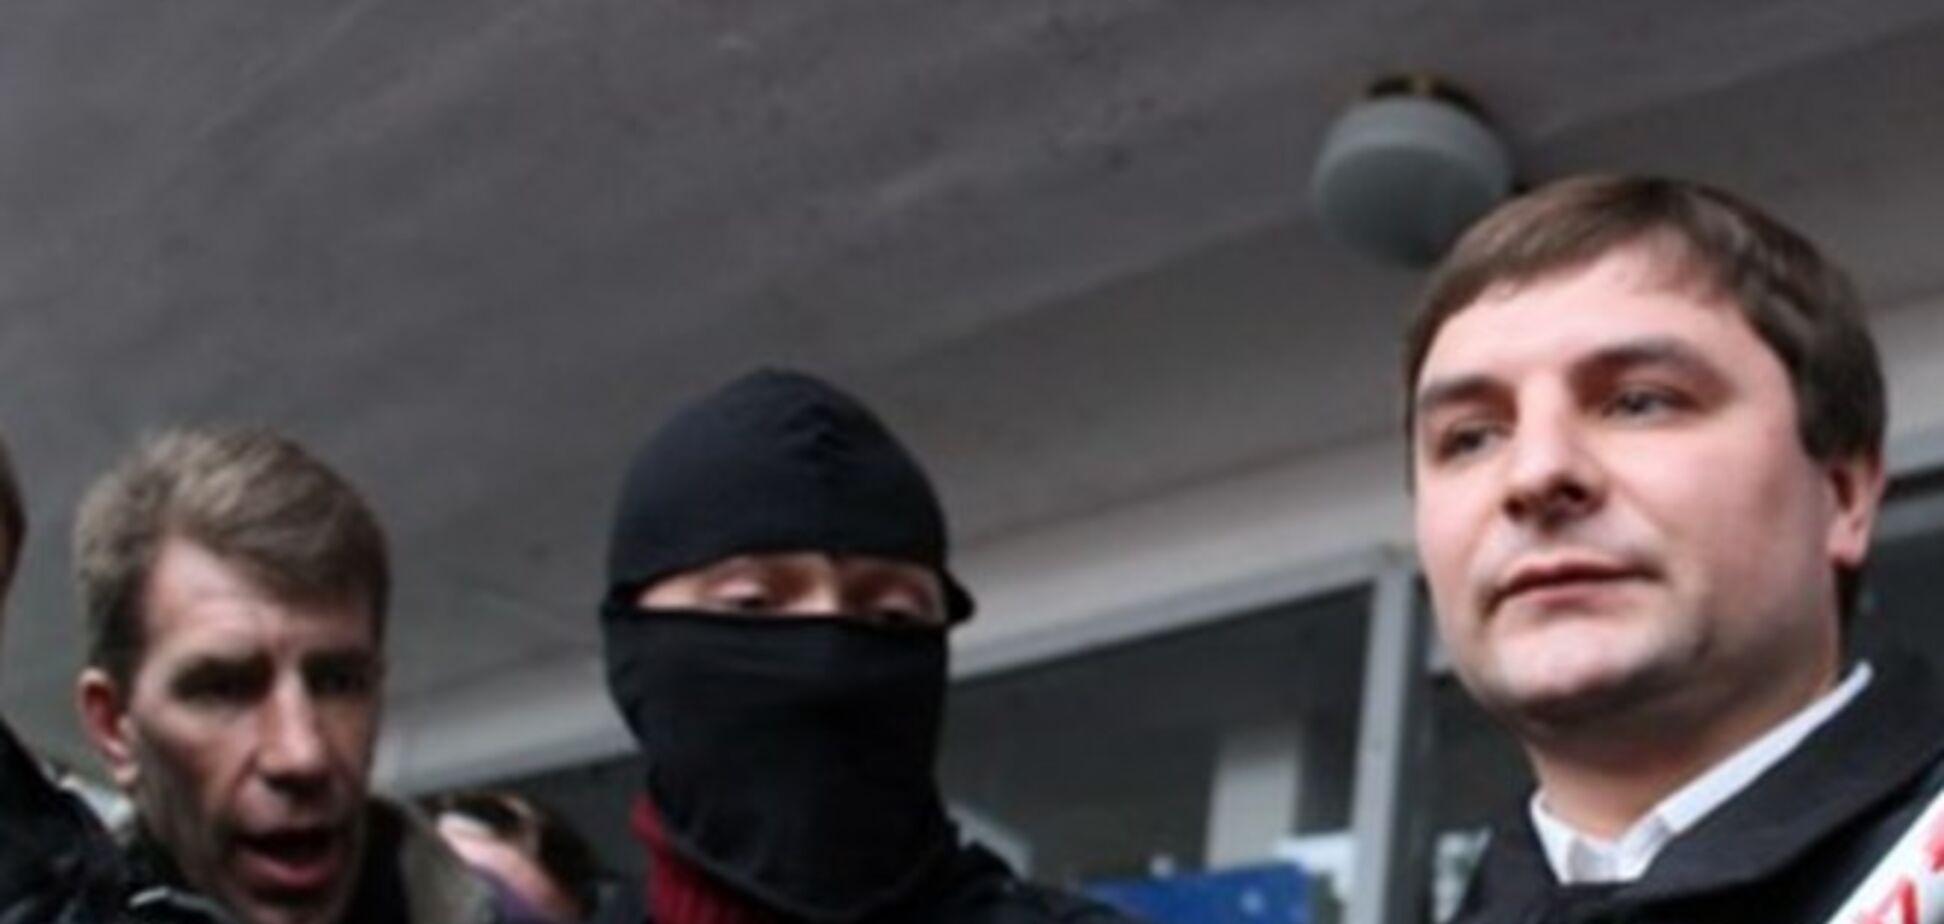 Мэр Горловки под дулом пистолета передал власть представителям 'ДНР'